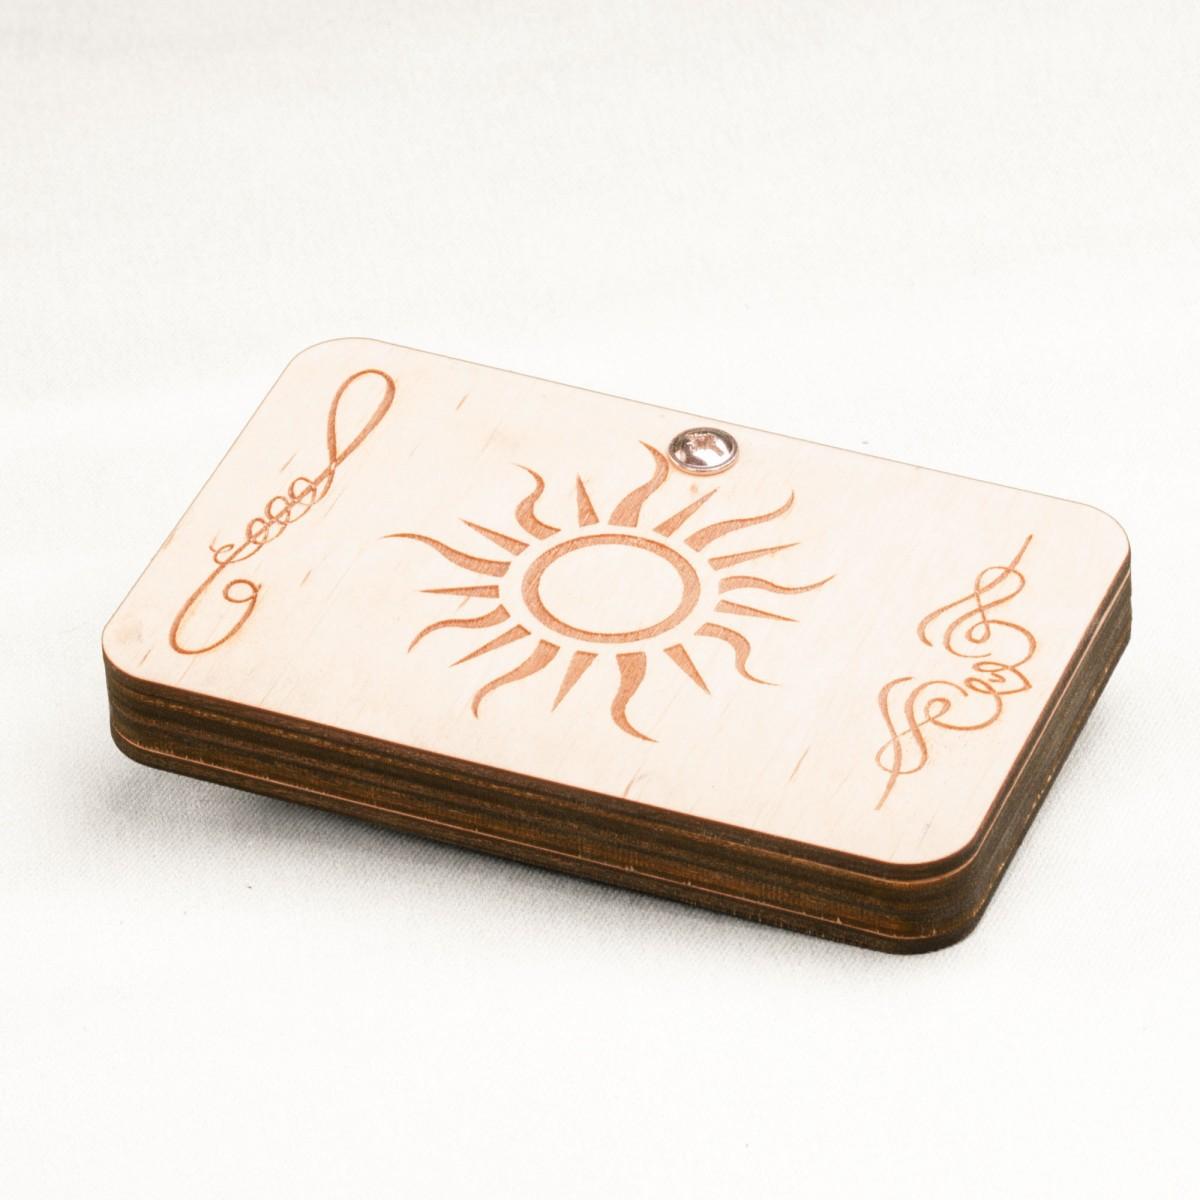 Монетница деревянная на peresvet.by